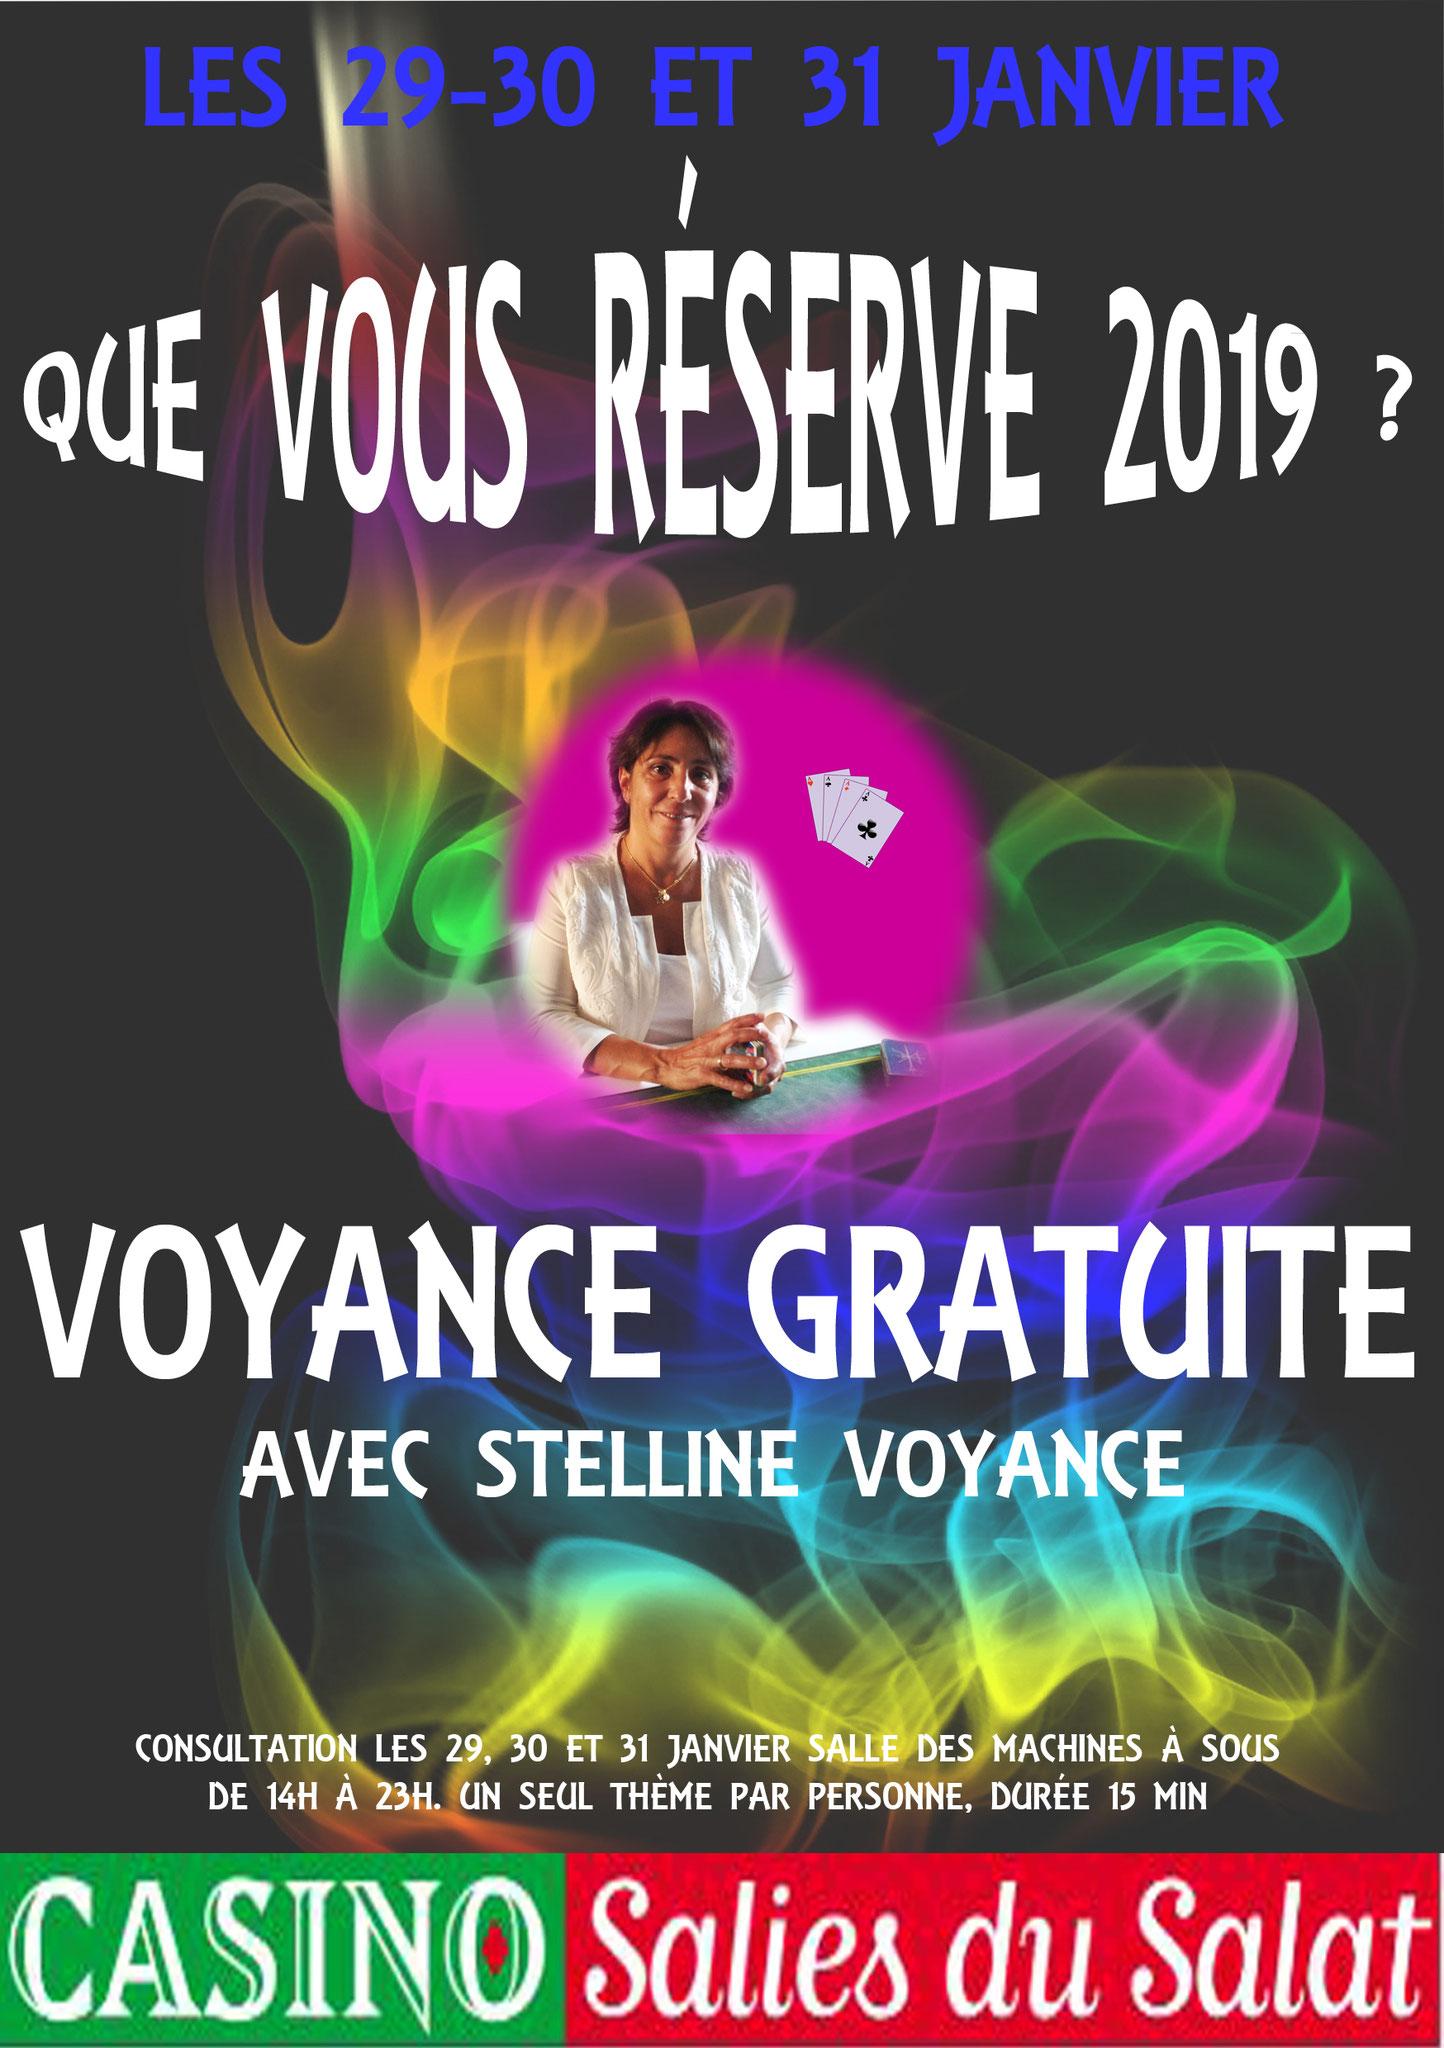 Stelline au Casino Salies du Salat le 29 30 31 janvier 2019